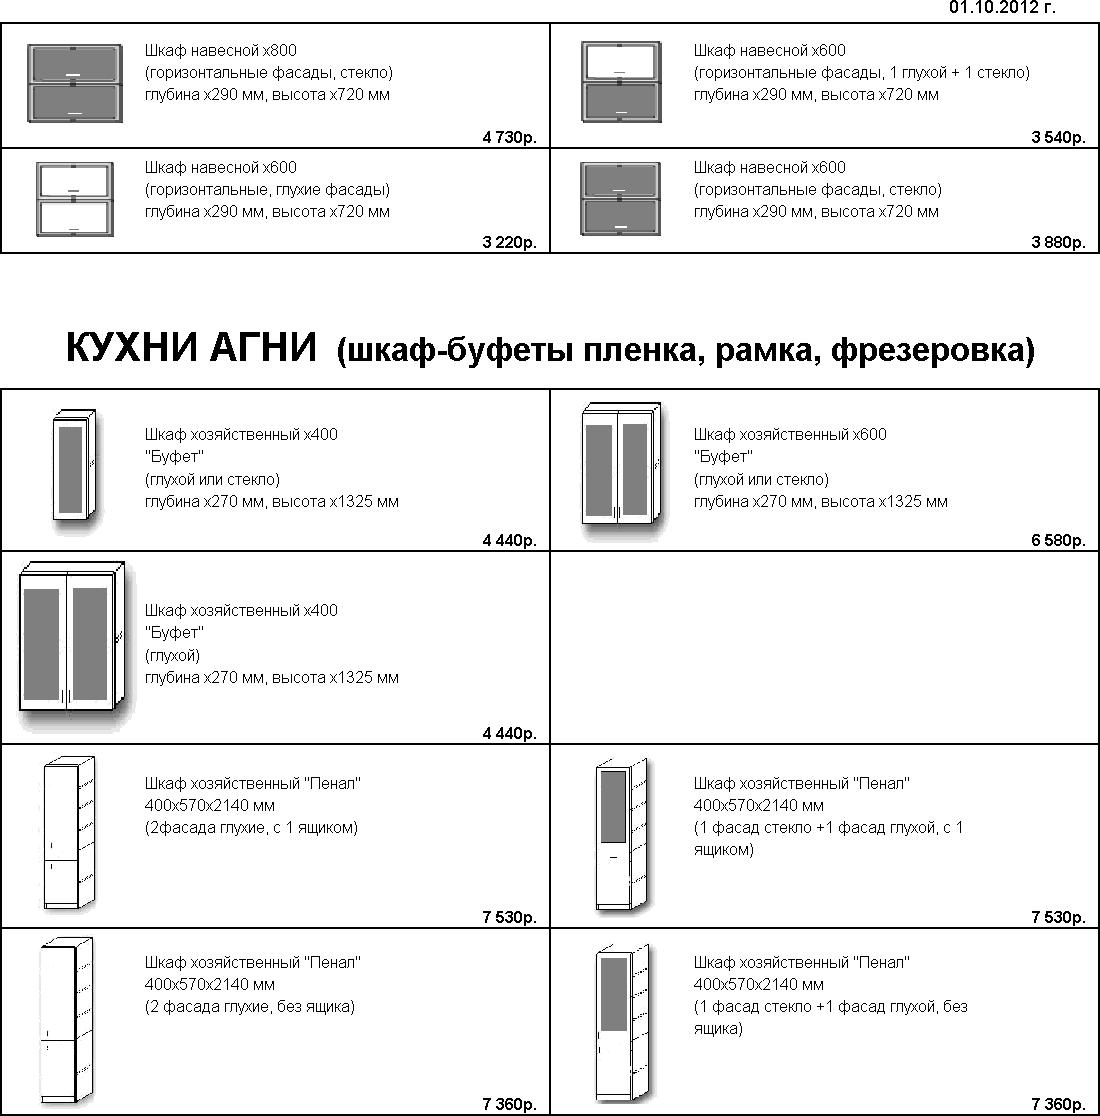 Регистратура областной офтальмологической больницы в архангельске